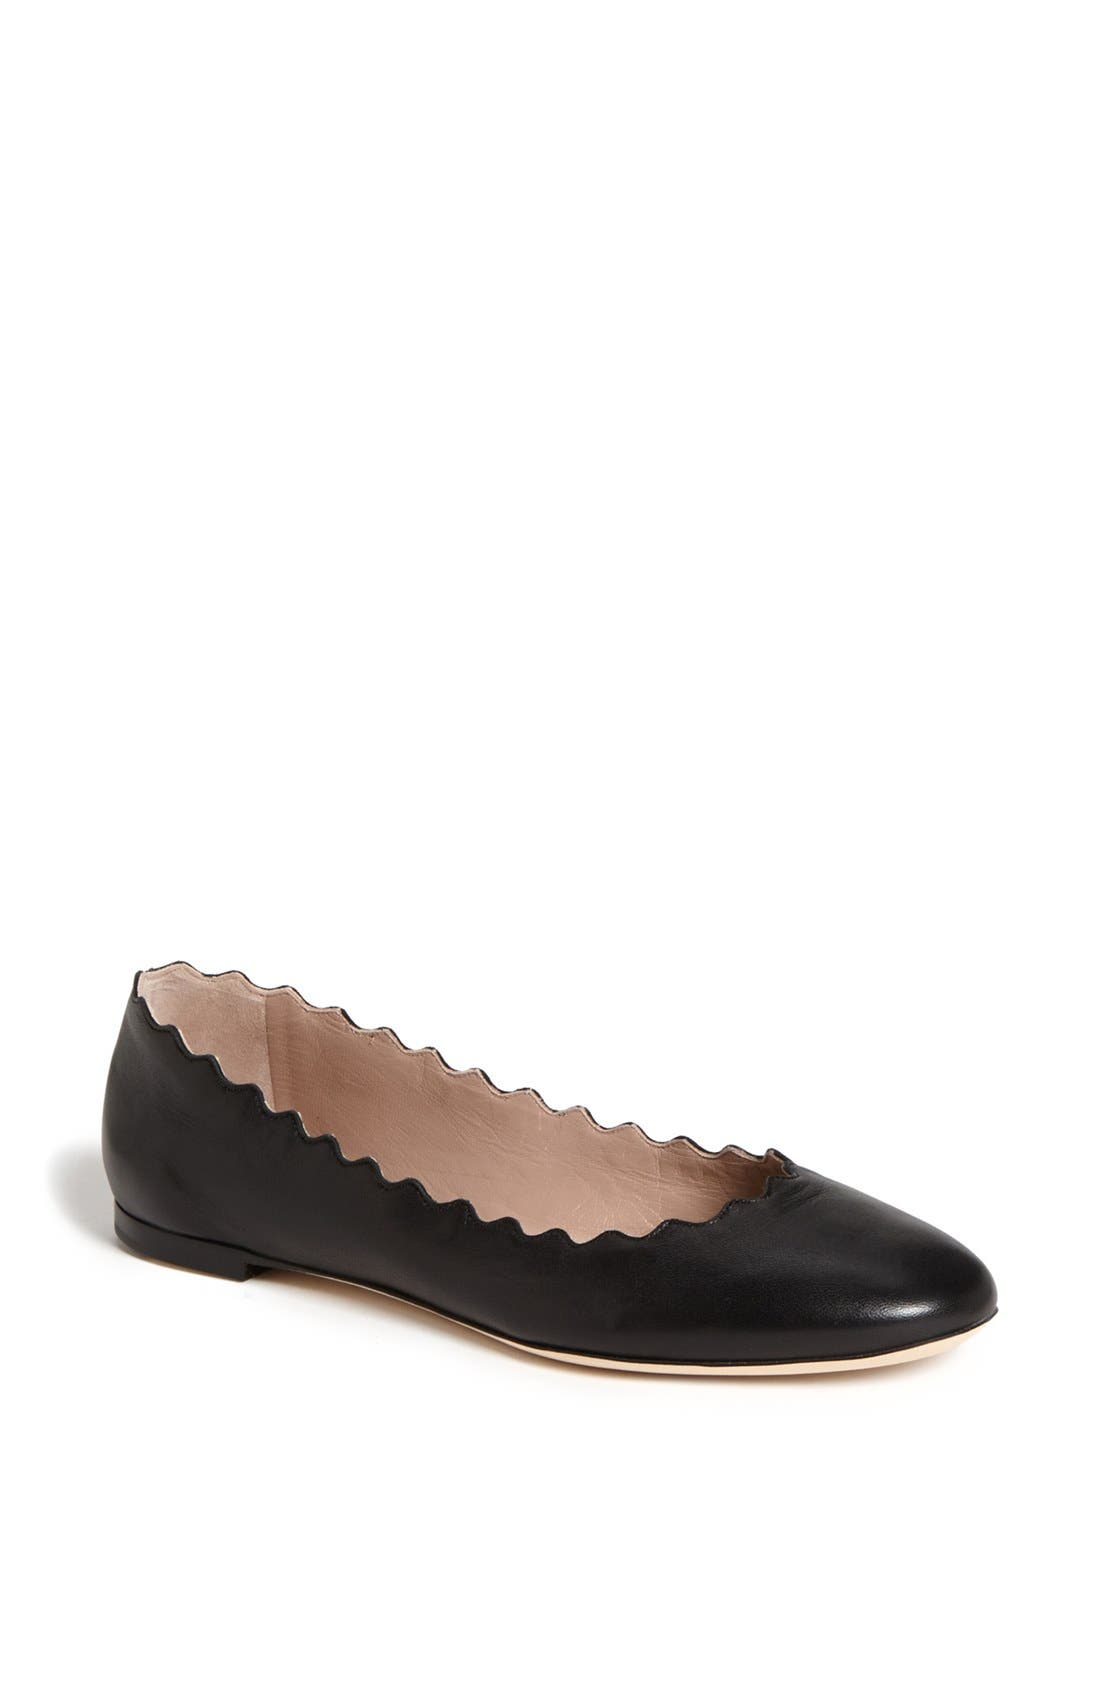 CHLOÉ, 'Lauren' Scalloped Ballet Flat, Main thumbnail 1, color, BLACK LEATHER